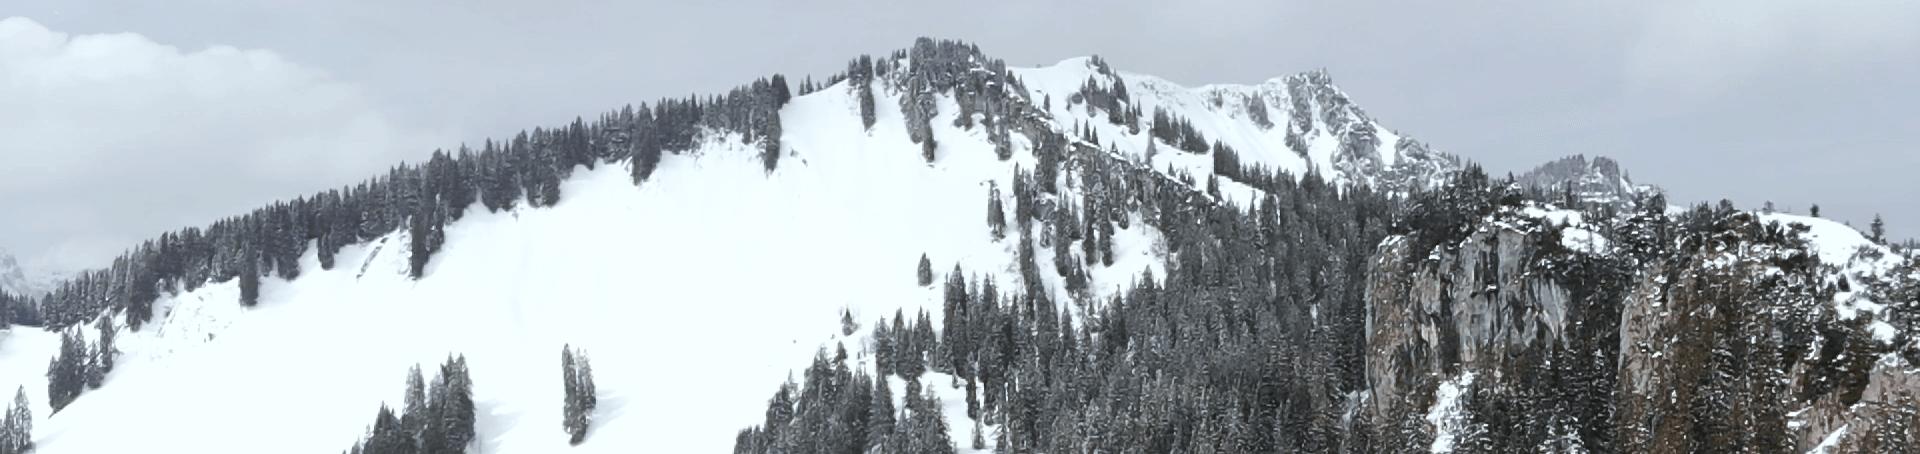 Die Umliegende Berge, die man bei der Bergwanderung zur Brecherspitz sehen kann